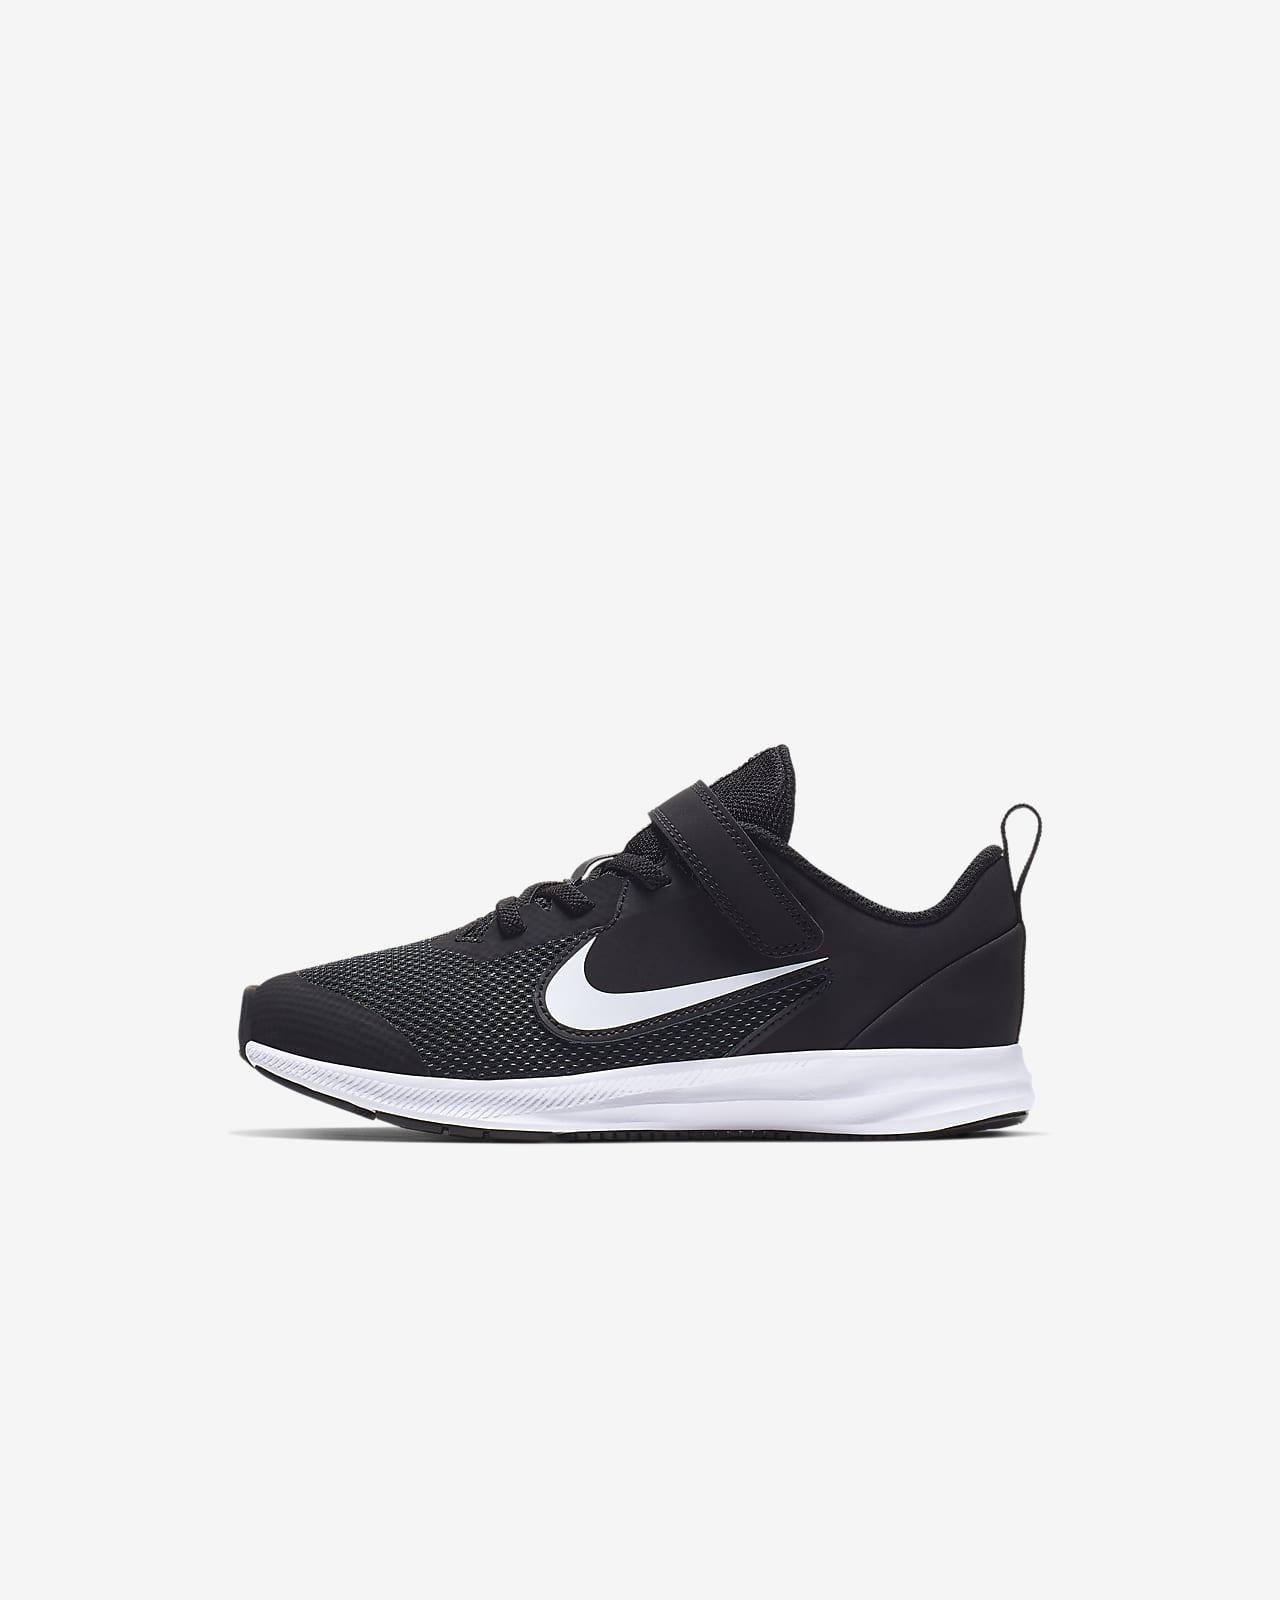 Nike Downshifter 9 Zapatillas - Niño/a pequeño/a